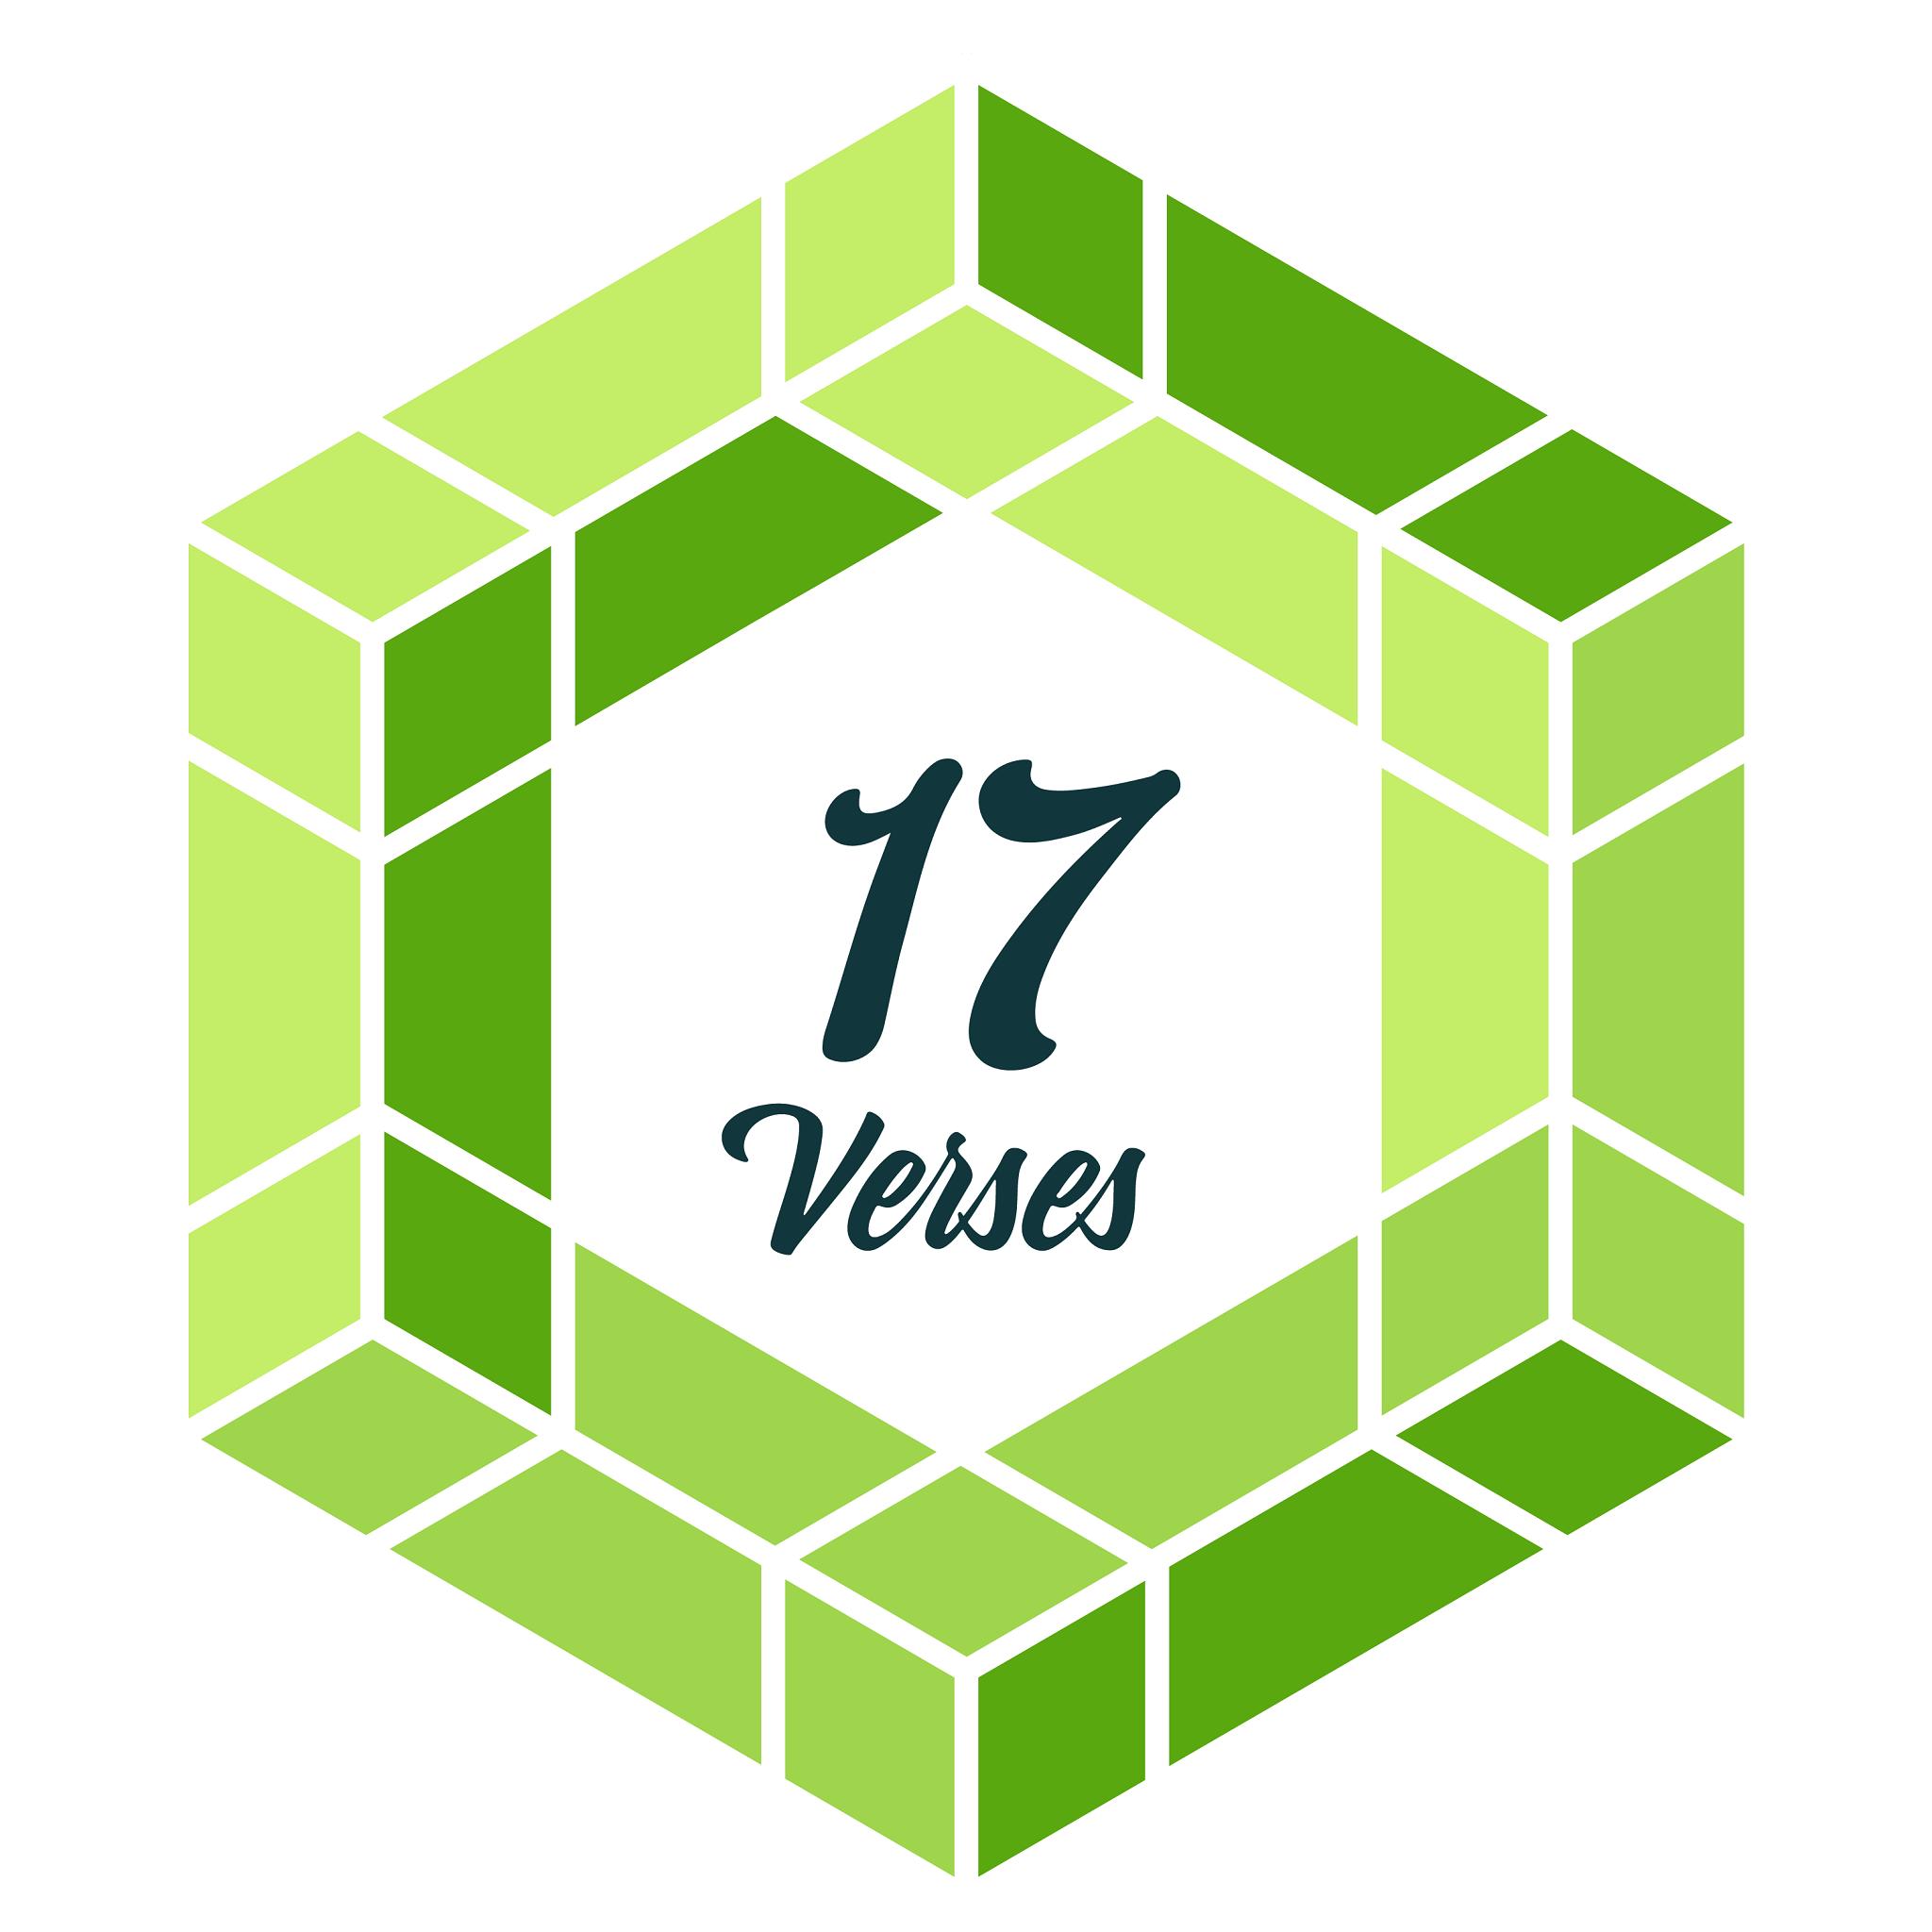 Year 2 - Surah 16 (An-Nahl), Verses 41-60